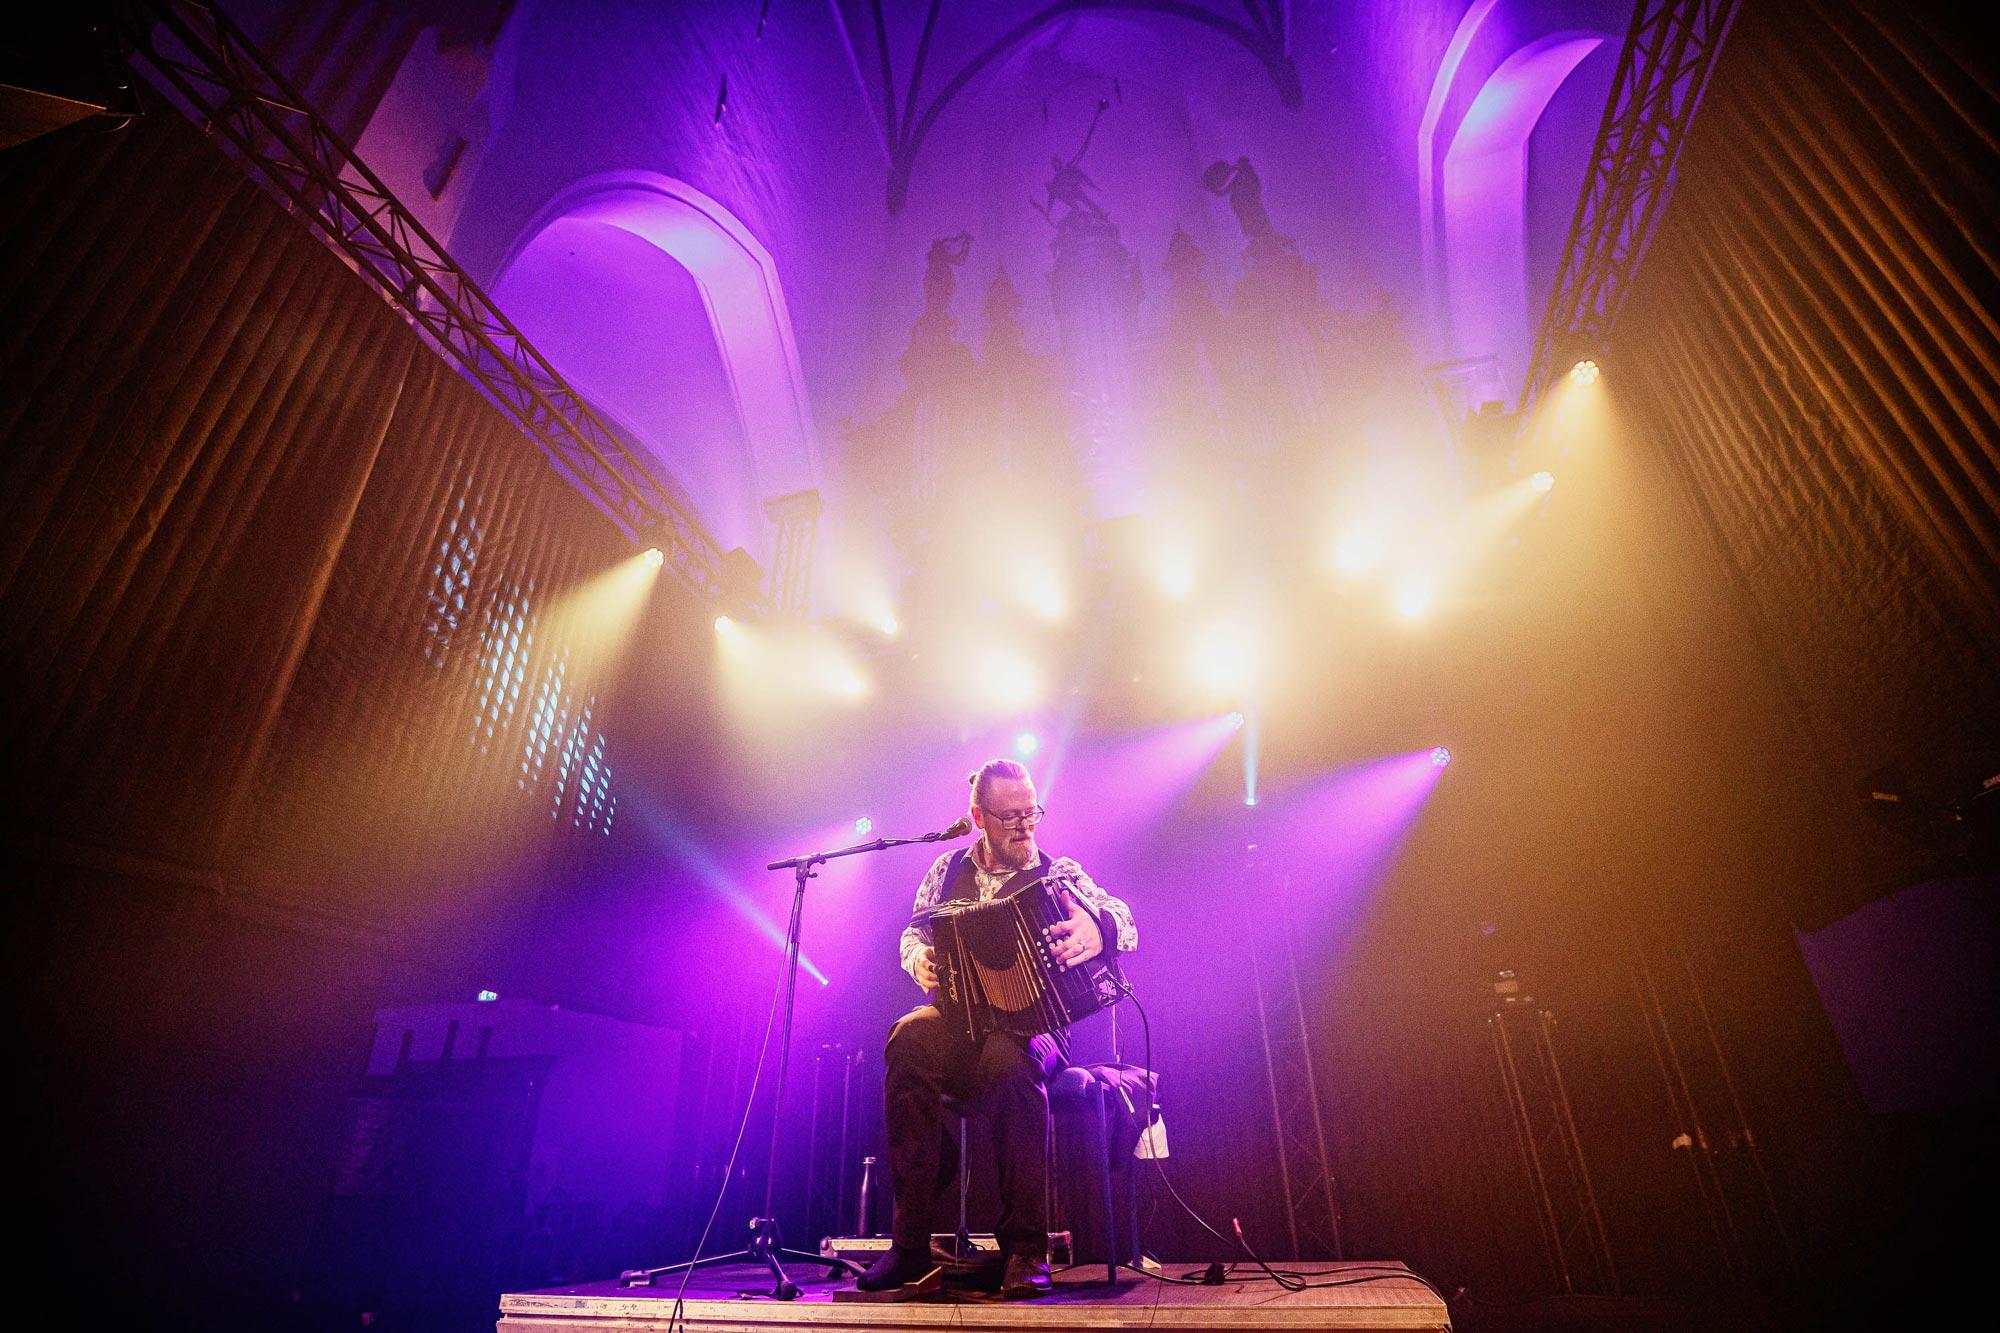 Antti Paalanen @ Eurosonic Noorderslag 2020